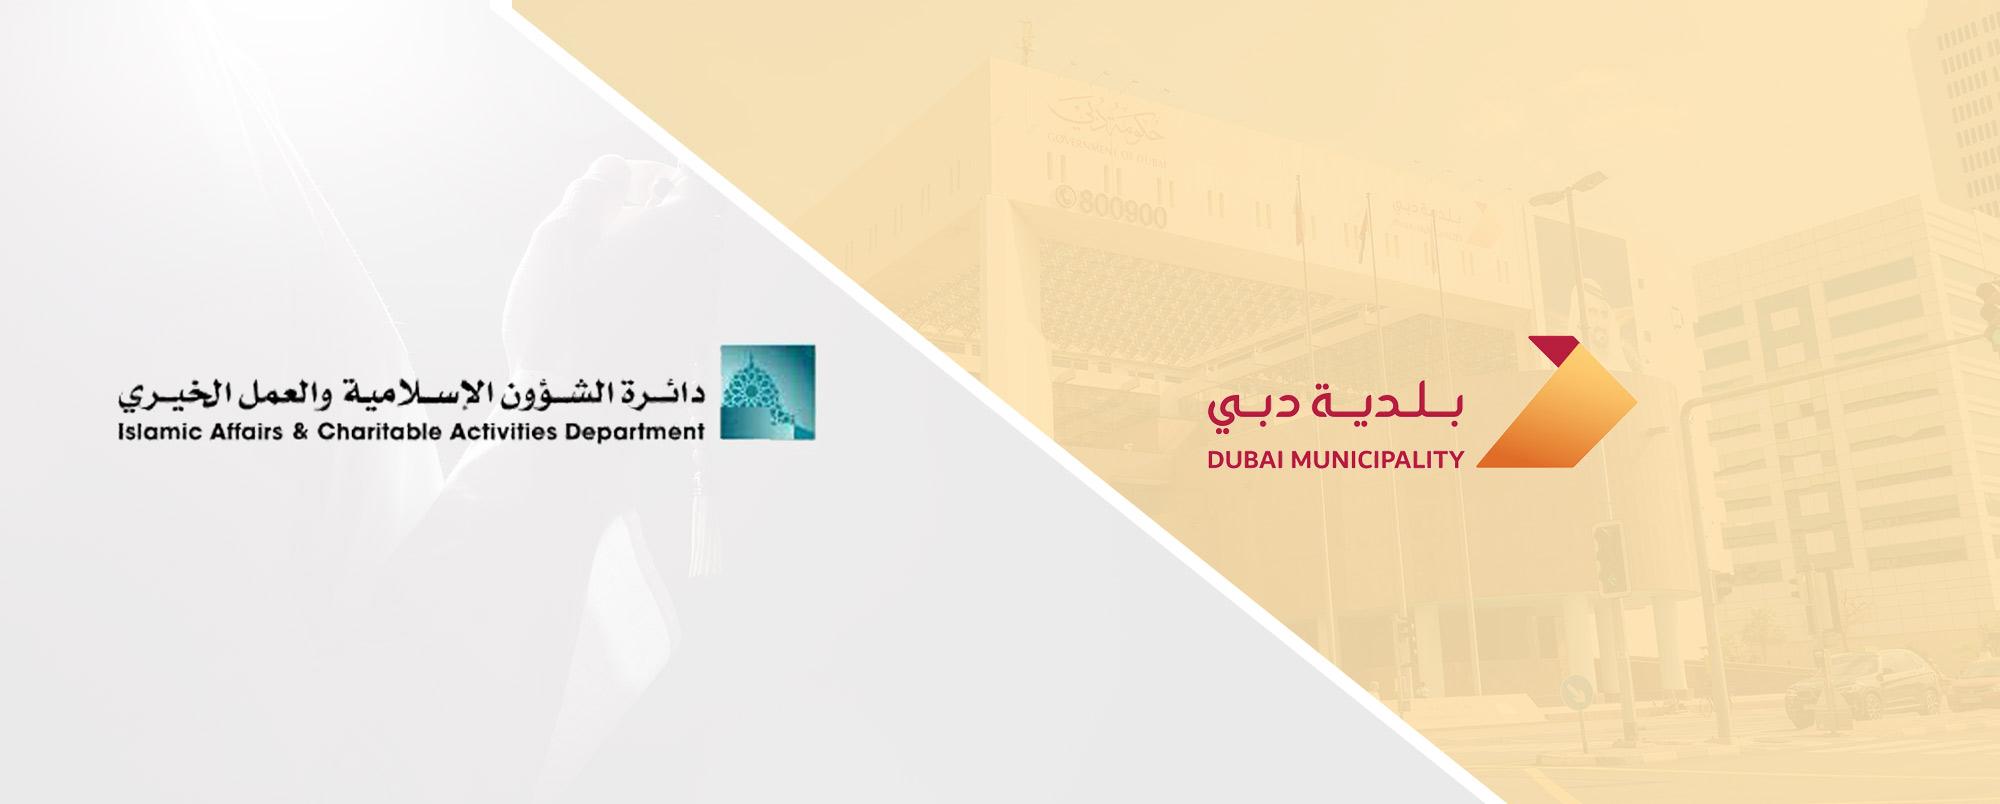 مذكرة تفاهم مع دائرة الشؤون الإسلامية والعمل الخيري فبراير 2020